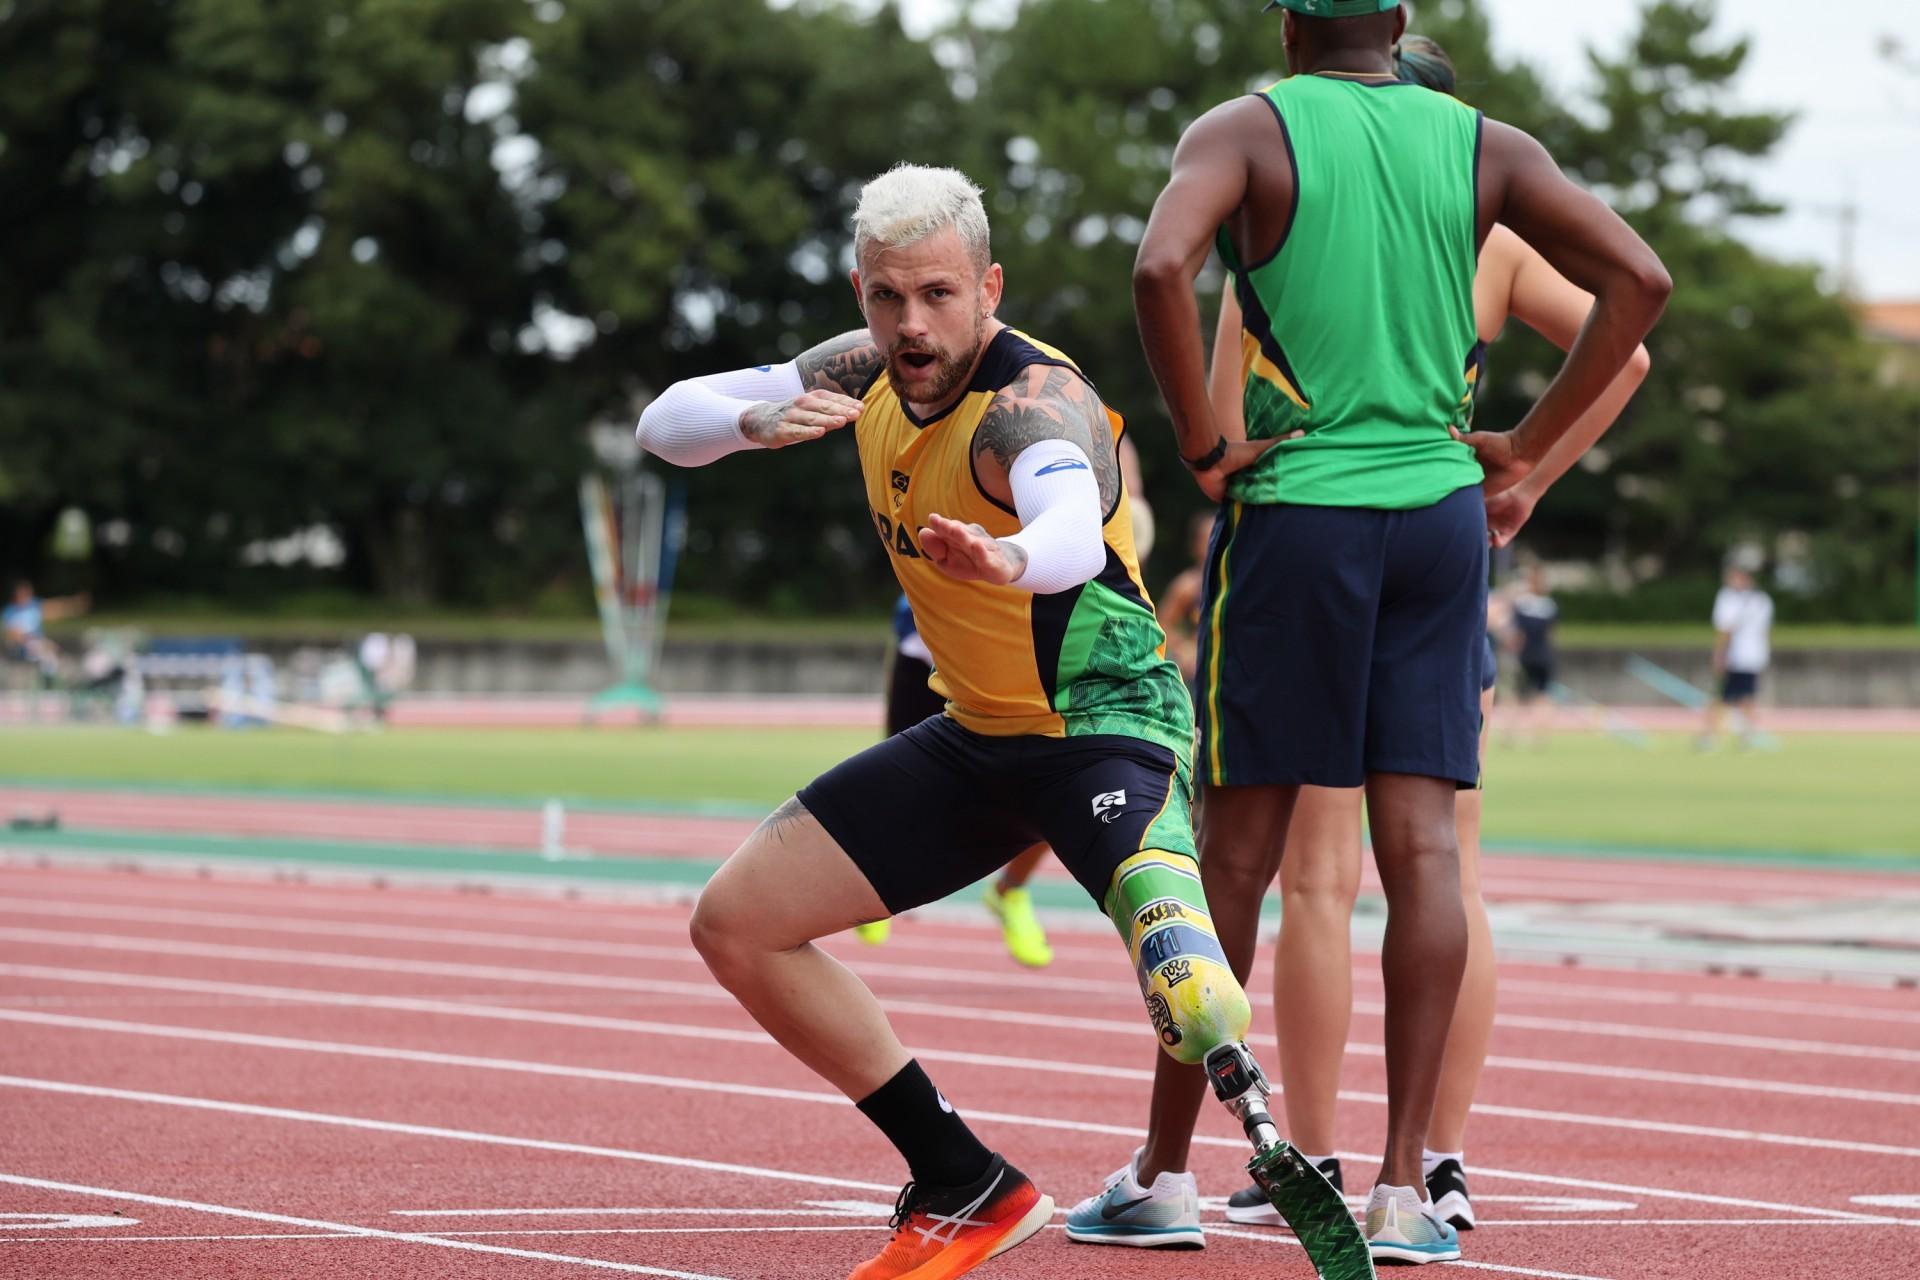 Atletas do Brasil nas Paralimpíadas de Tóquio: confira nomes por modalidade